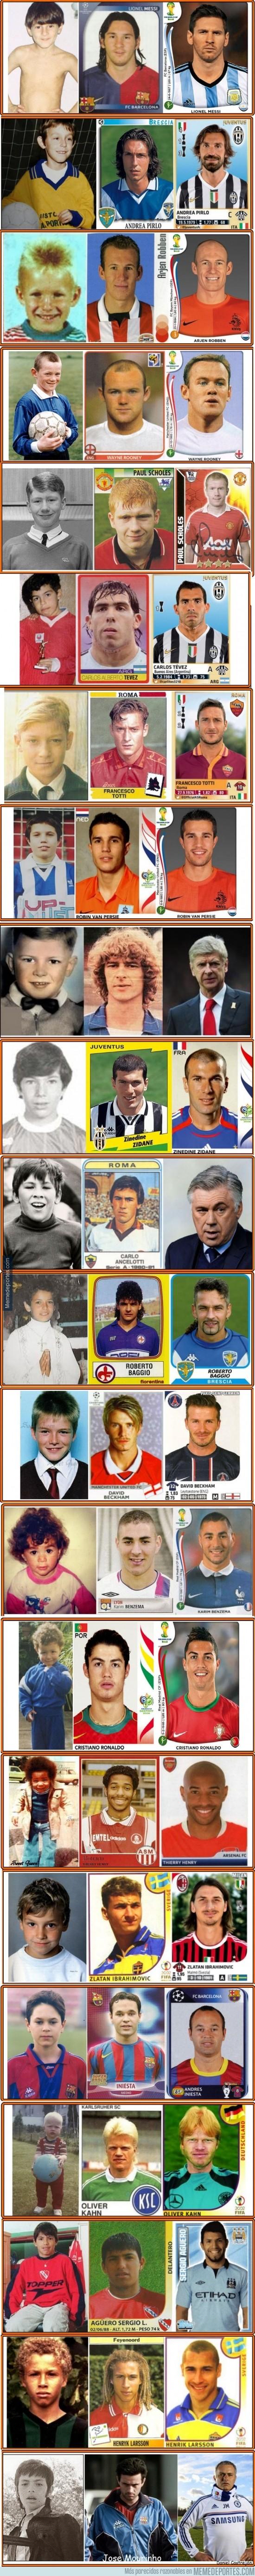 435886 - Evolución de leyendas del fútbol